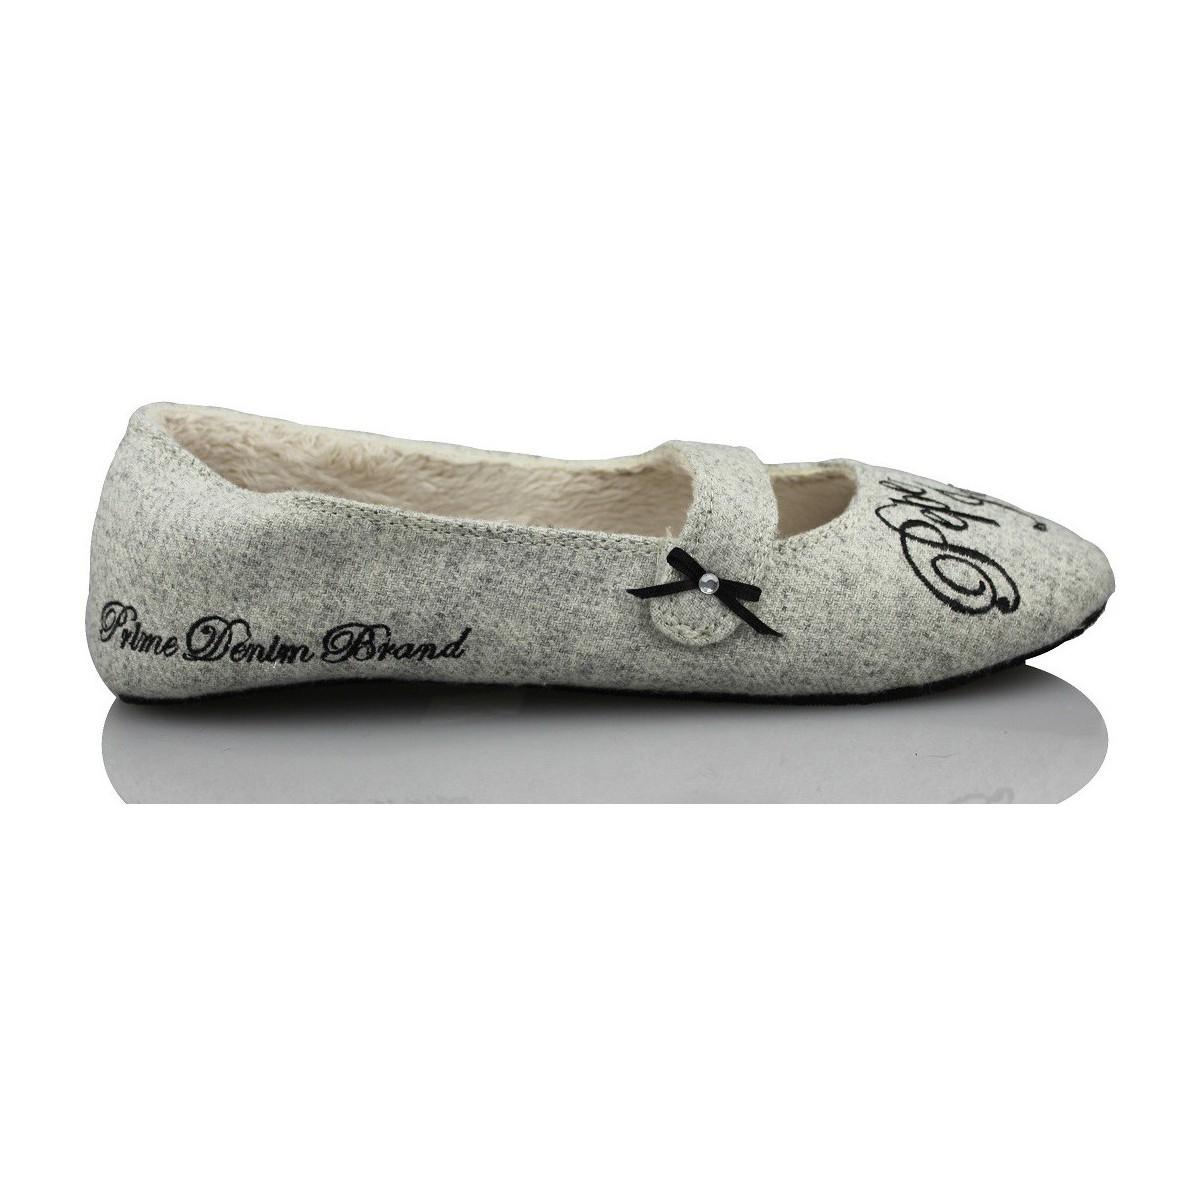 chaussons pepe jeans rentrer la maison confortable gris chaussures femme 39 00. Black Bedroom Furniture Sets. Home Design Ideas